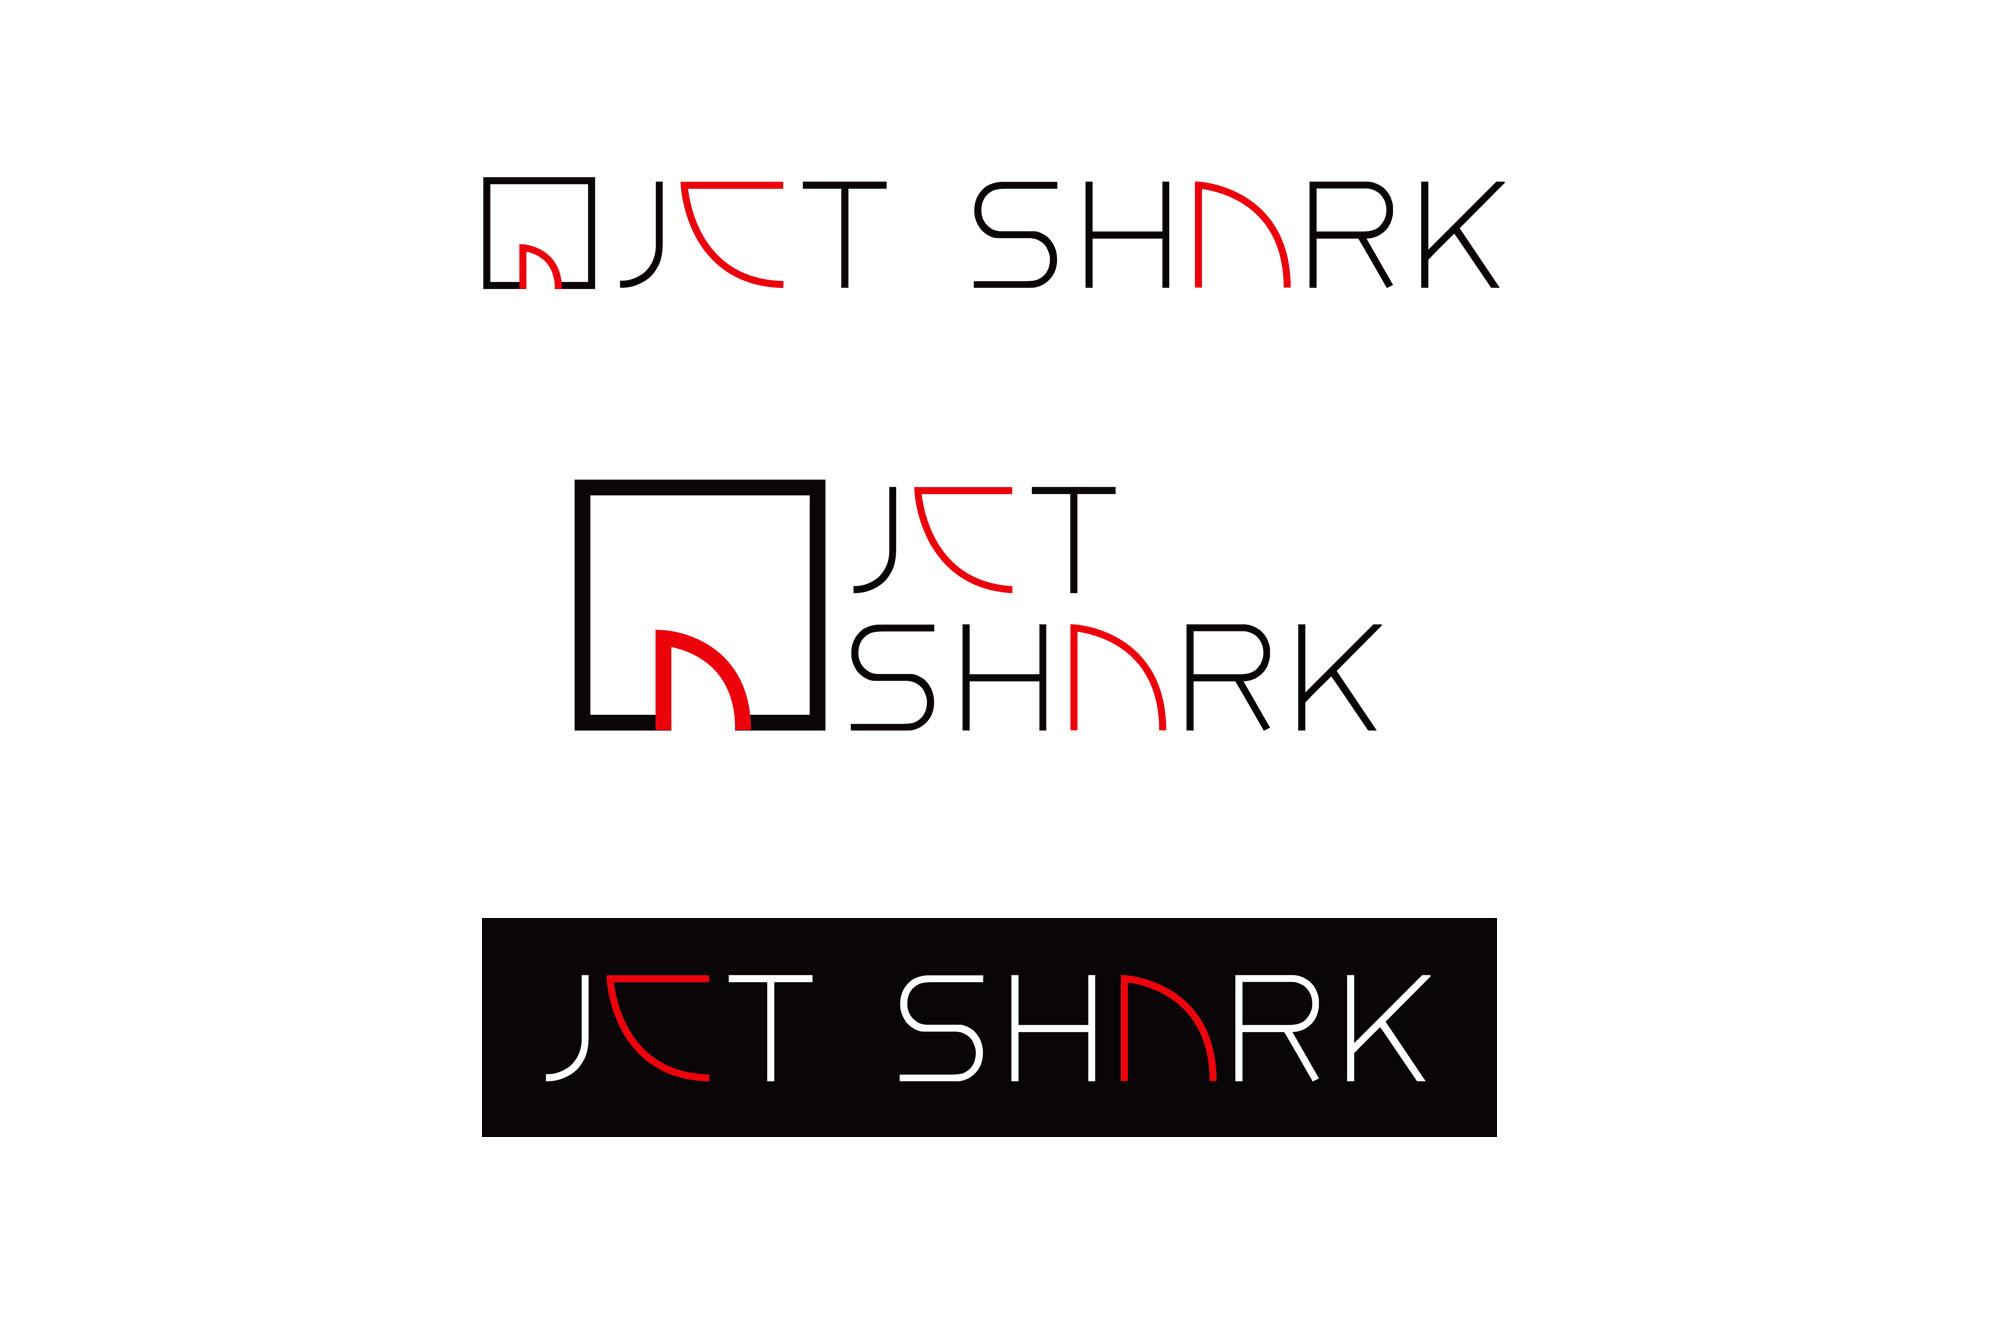 jet shark, jet boat, mirko nahmijas. nahmijas, pecatipotpis, pecat i potpis